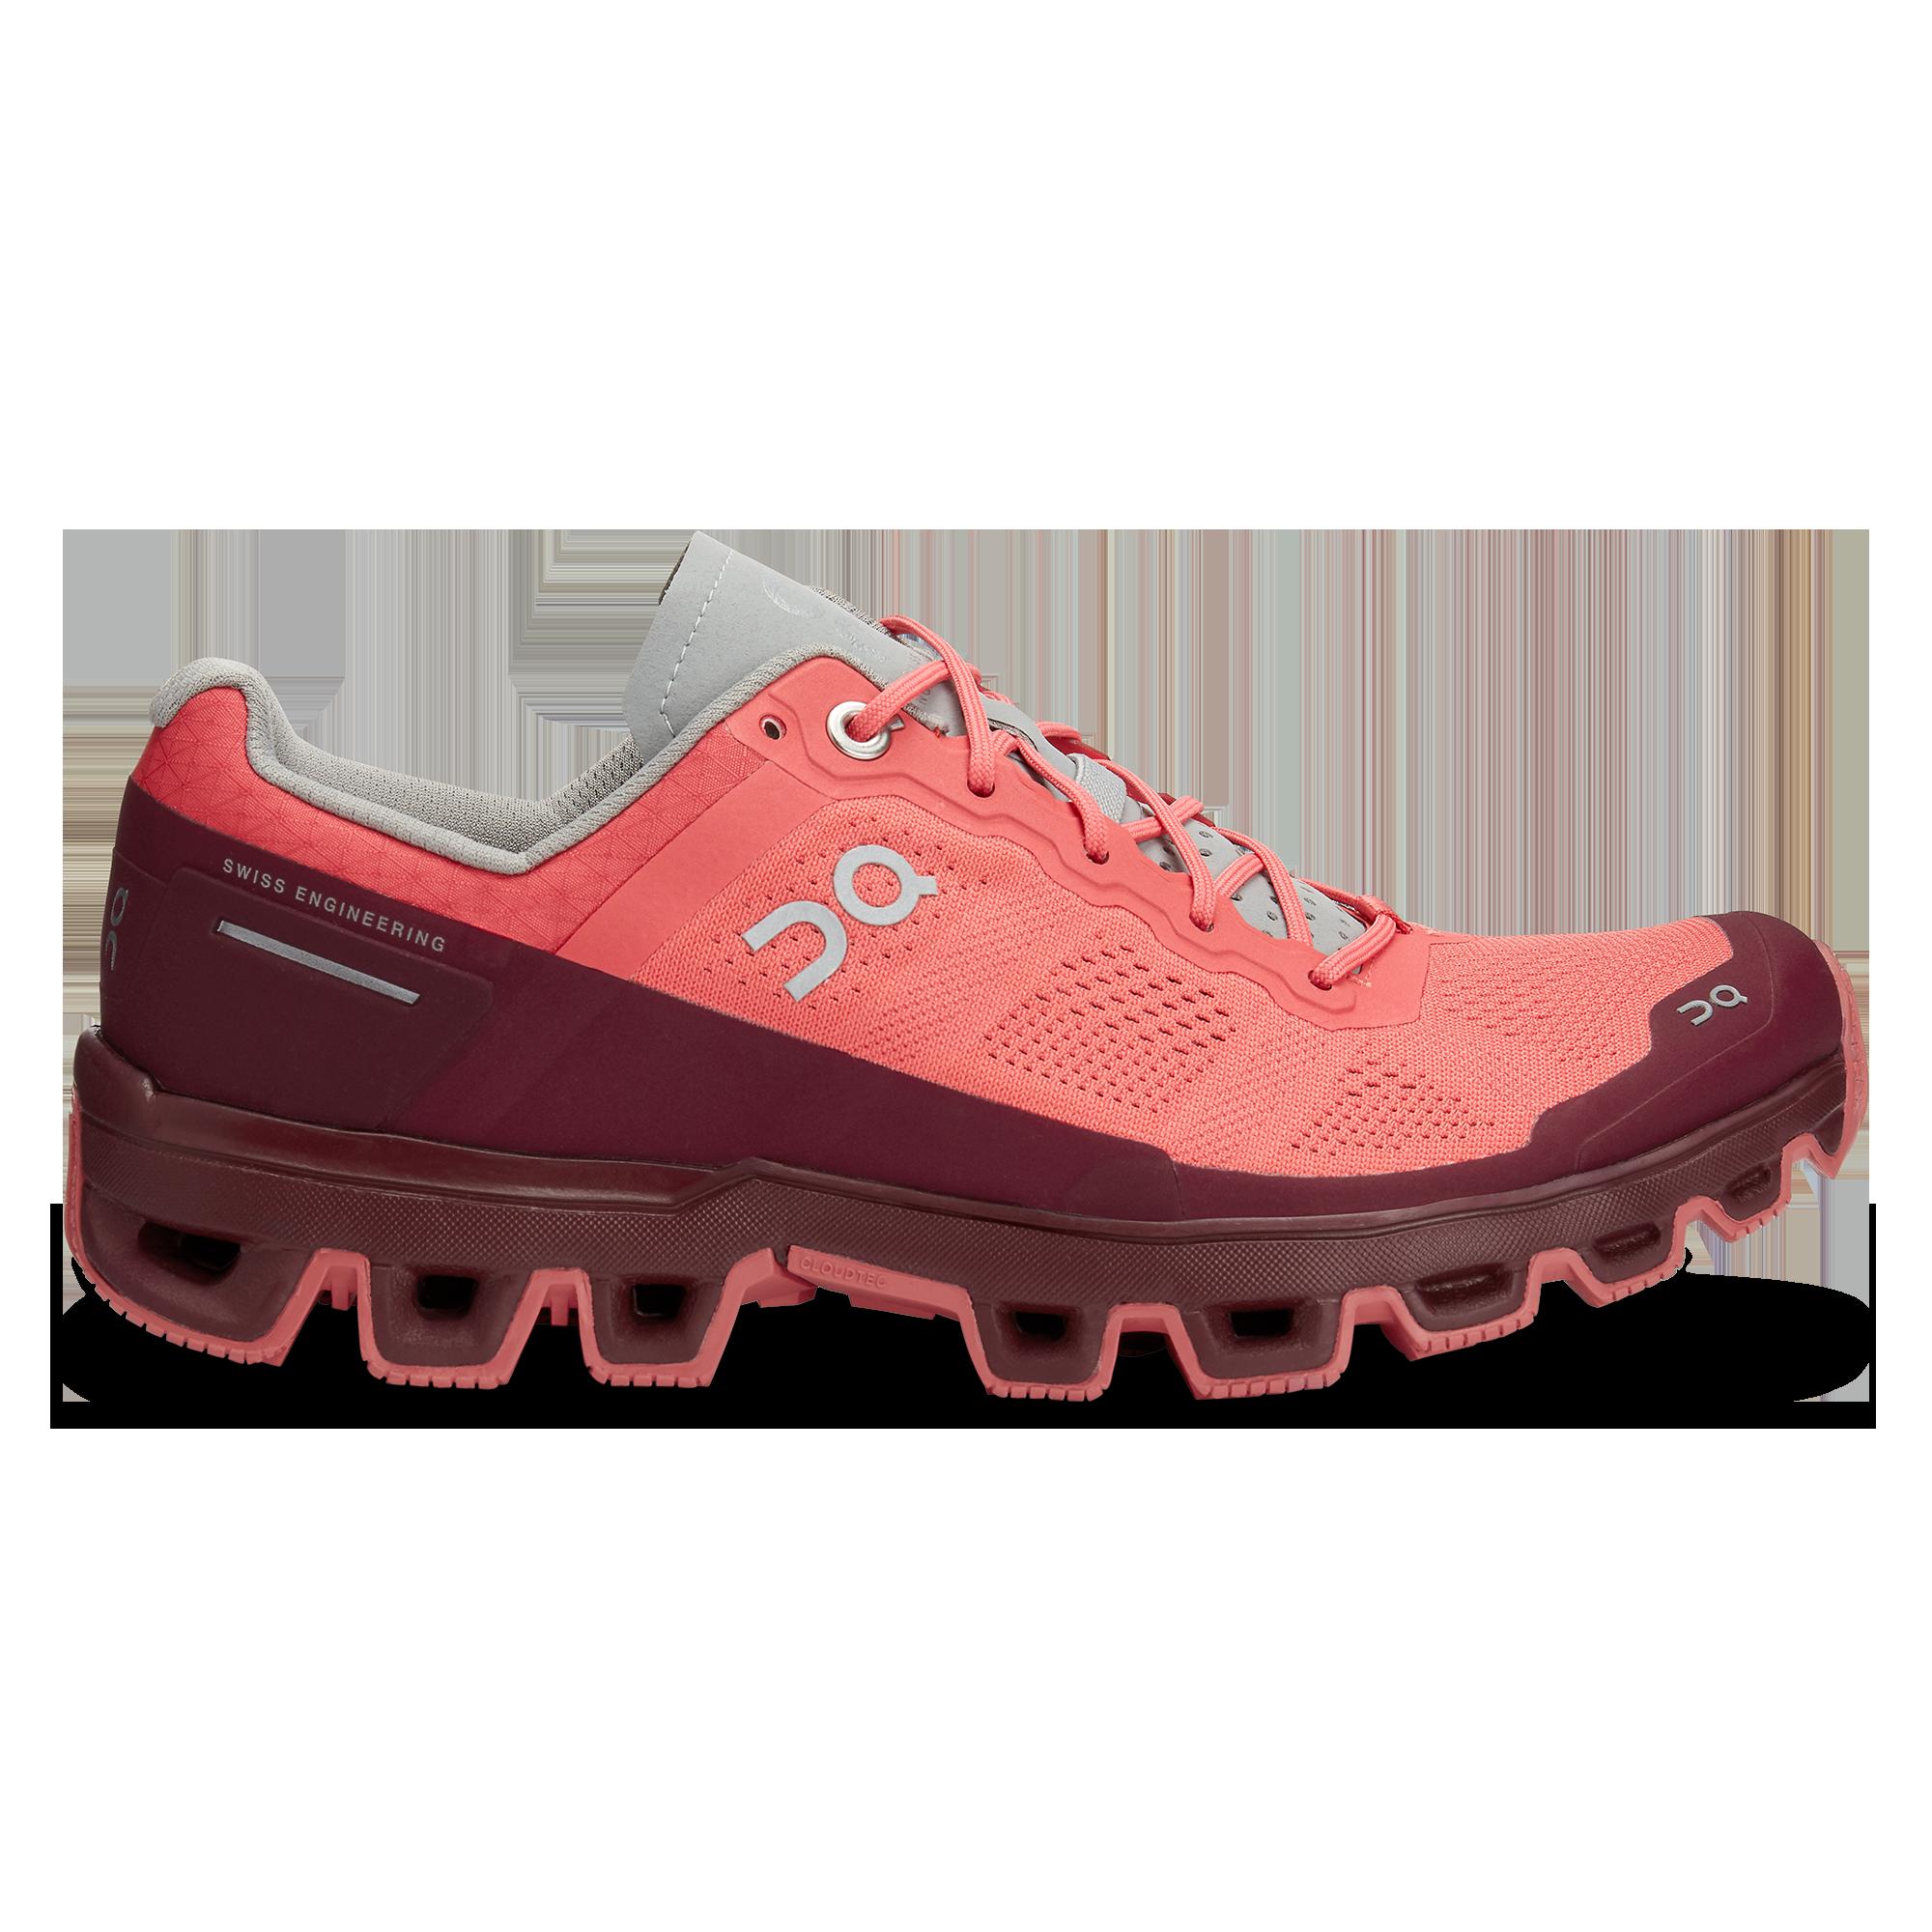 Cloudventure Lightweight Trail Running Shoe | On